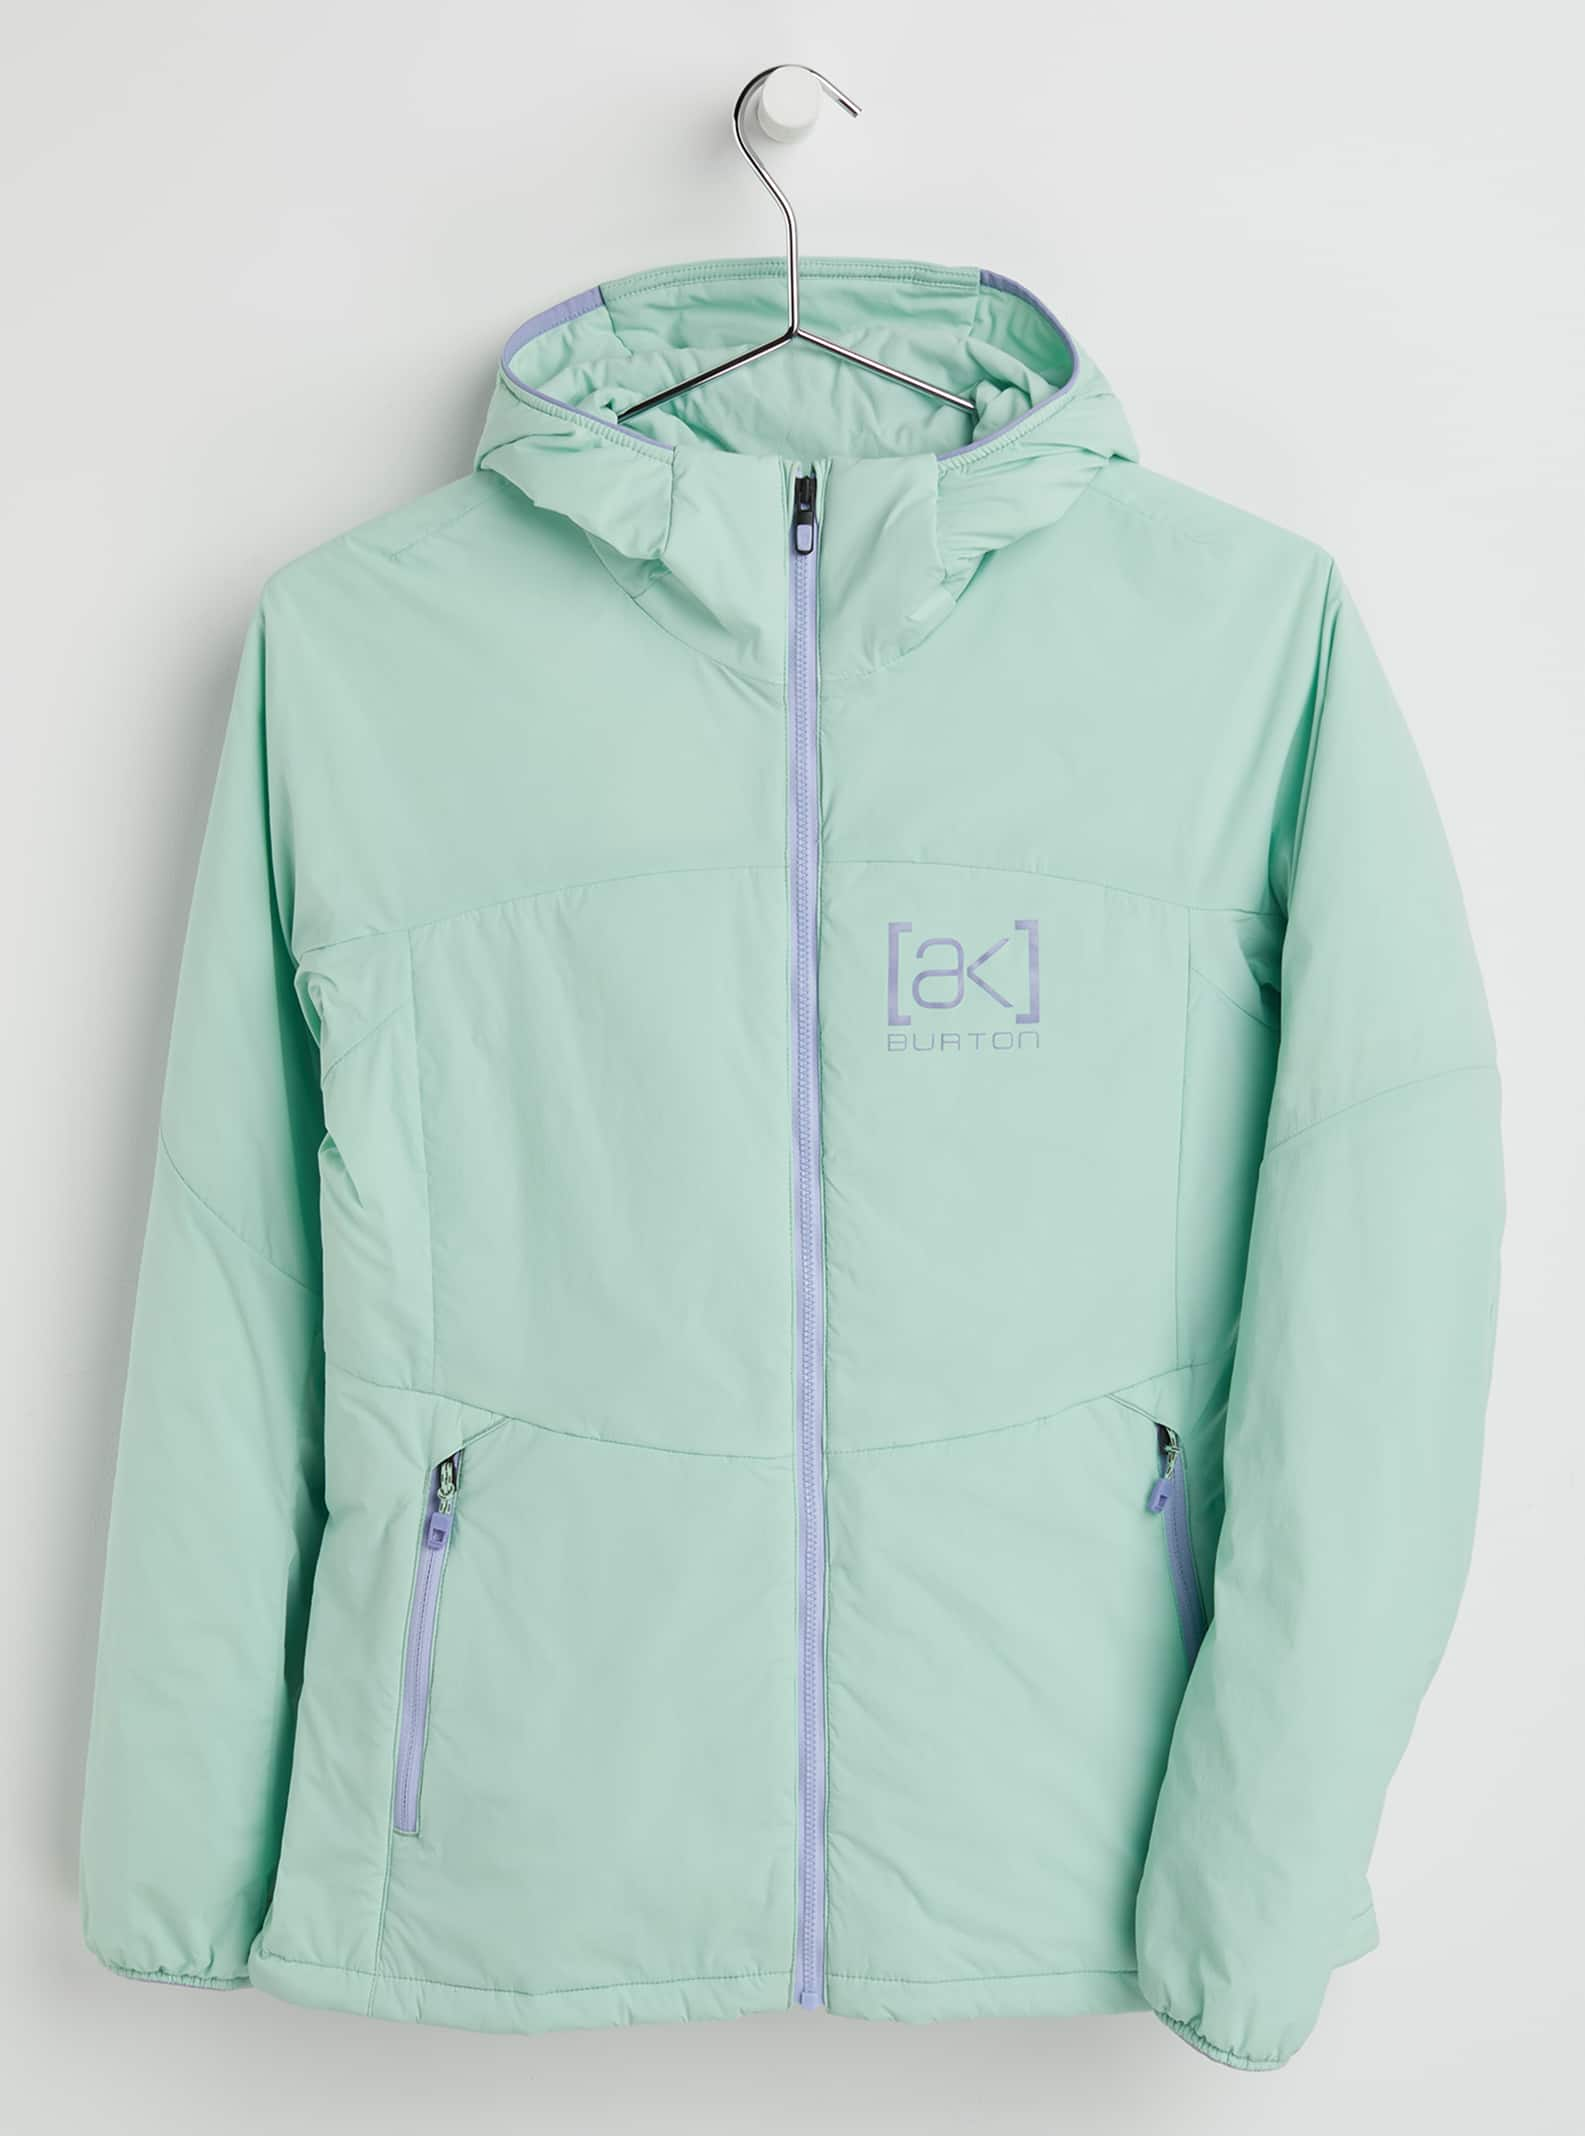 Burton [ak] Hooded Stretch-jacka med värmeisolering för damer, XS